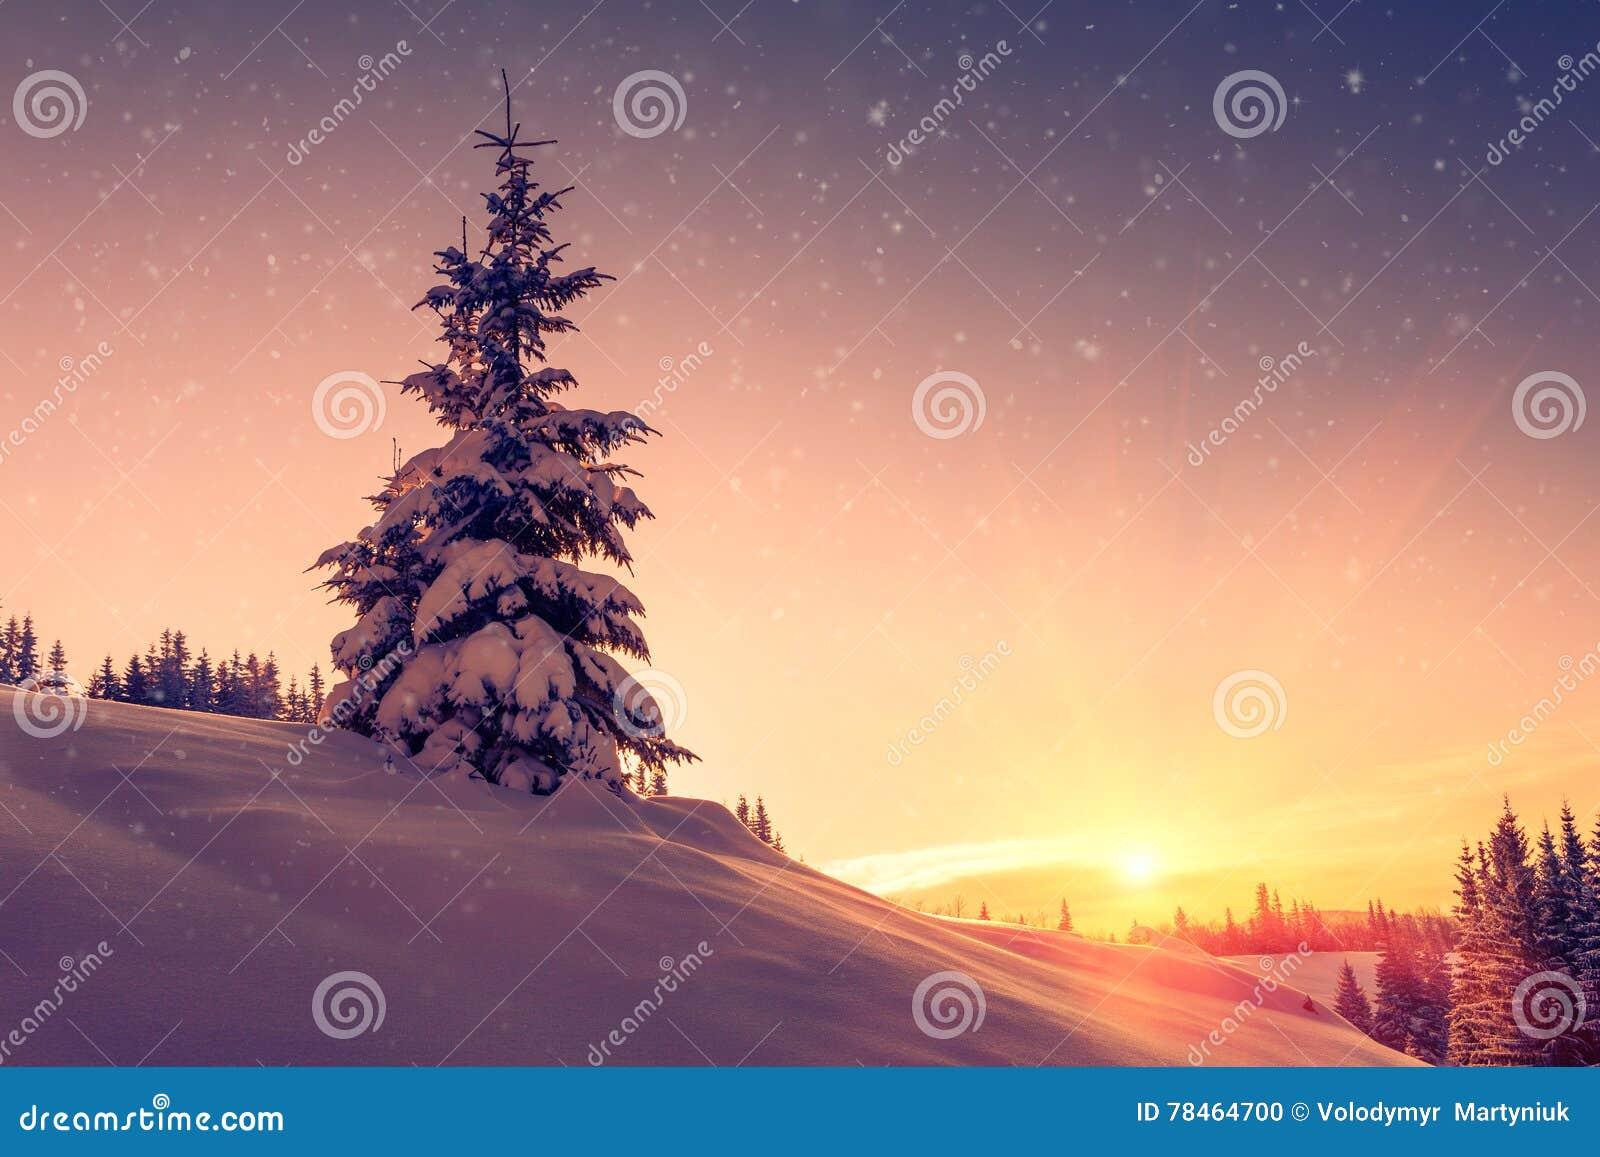 Mooi de winterlandschap in bergen Mening van snow-covered naaldboombomen en sneeuwvlokken bij zonsopgang Vrolijke Kerstmis en gel